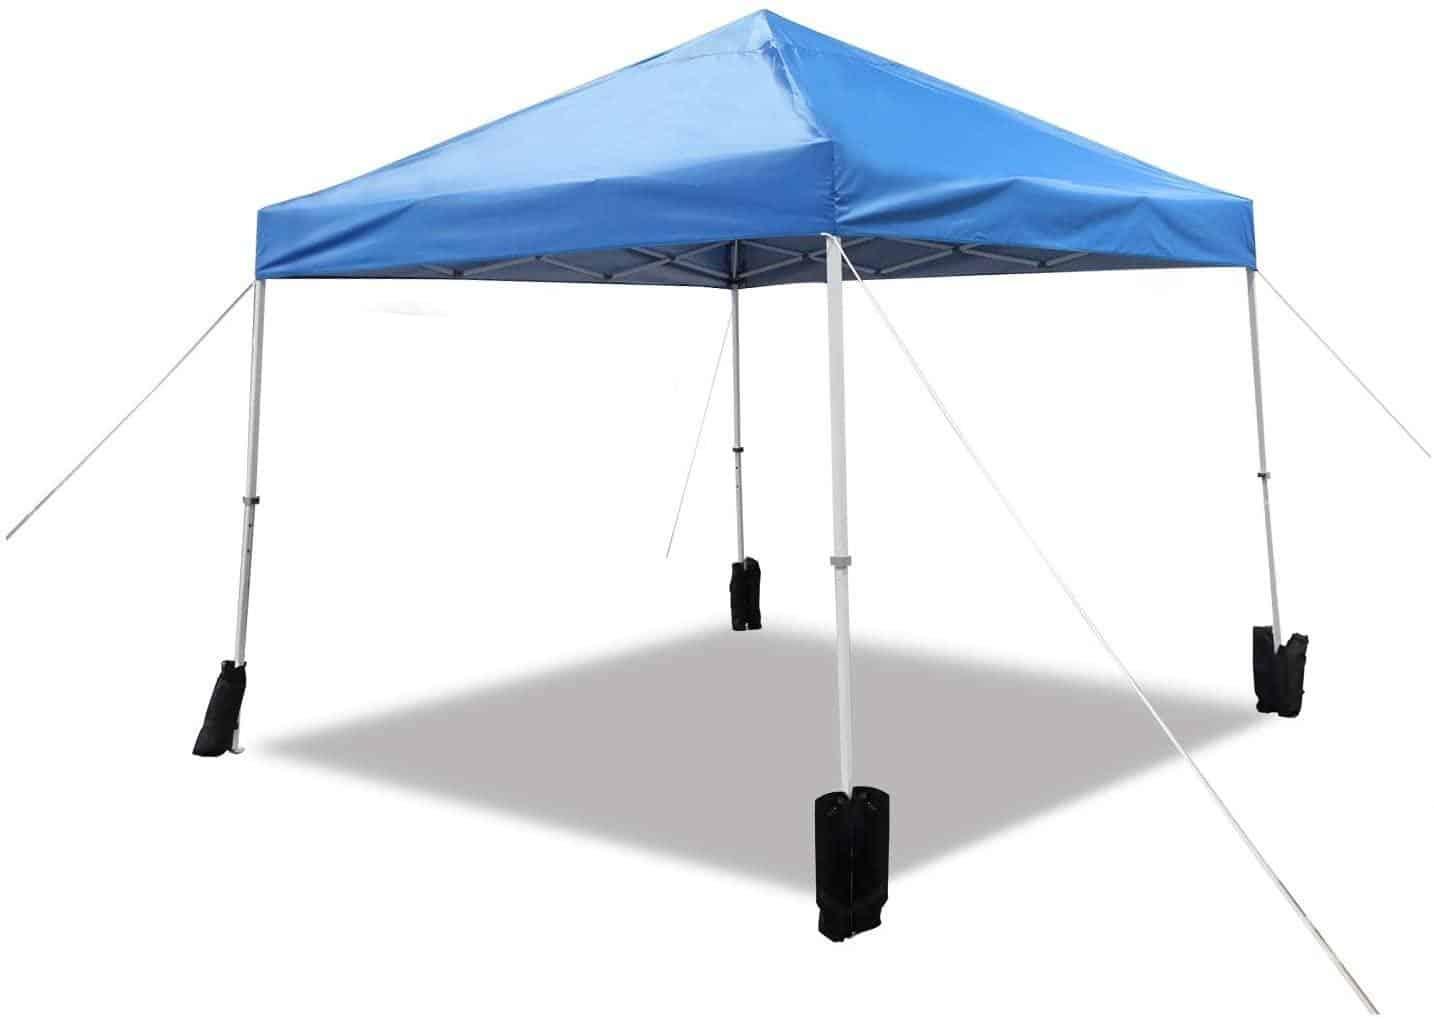 AmazonBasics Pop up Canopy Tent